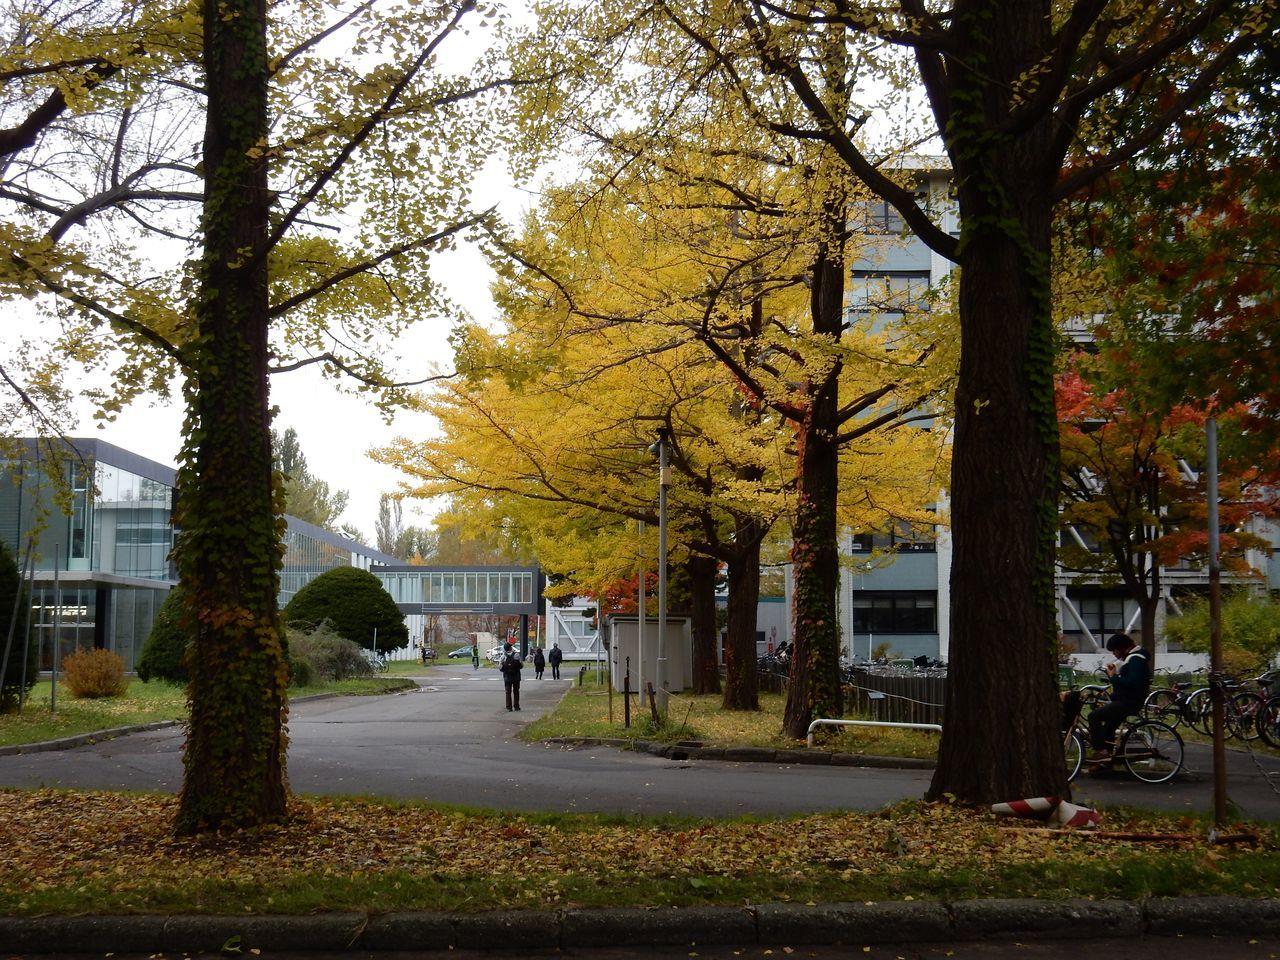 黄葉・紅葉に染まる北海道大学_c0025115_22364818.jpg